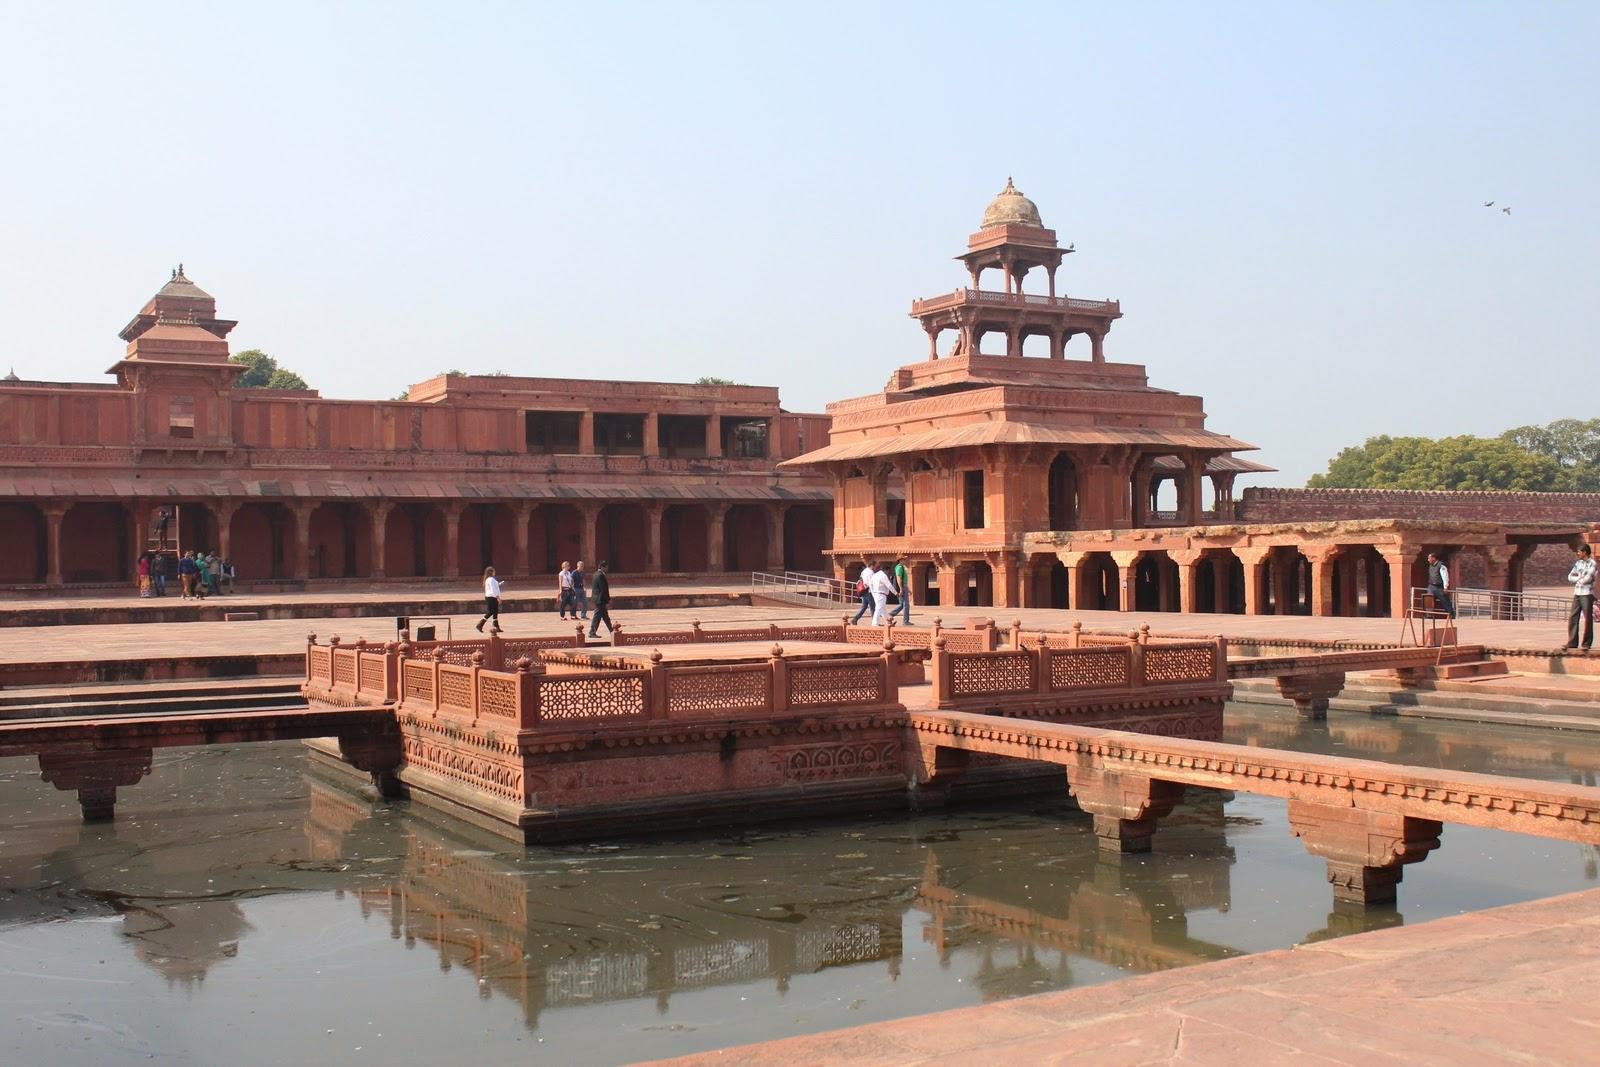 Fatehpur Szikri